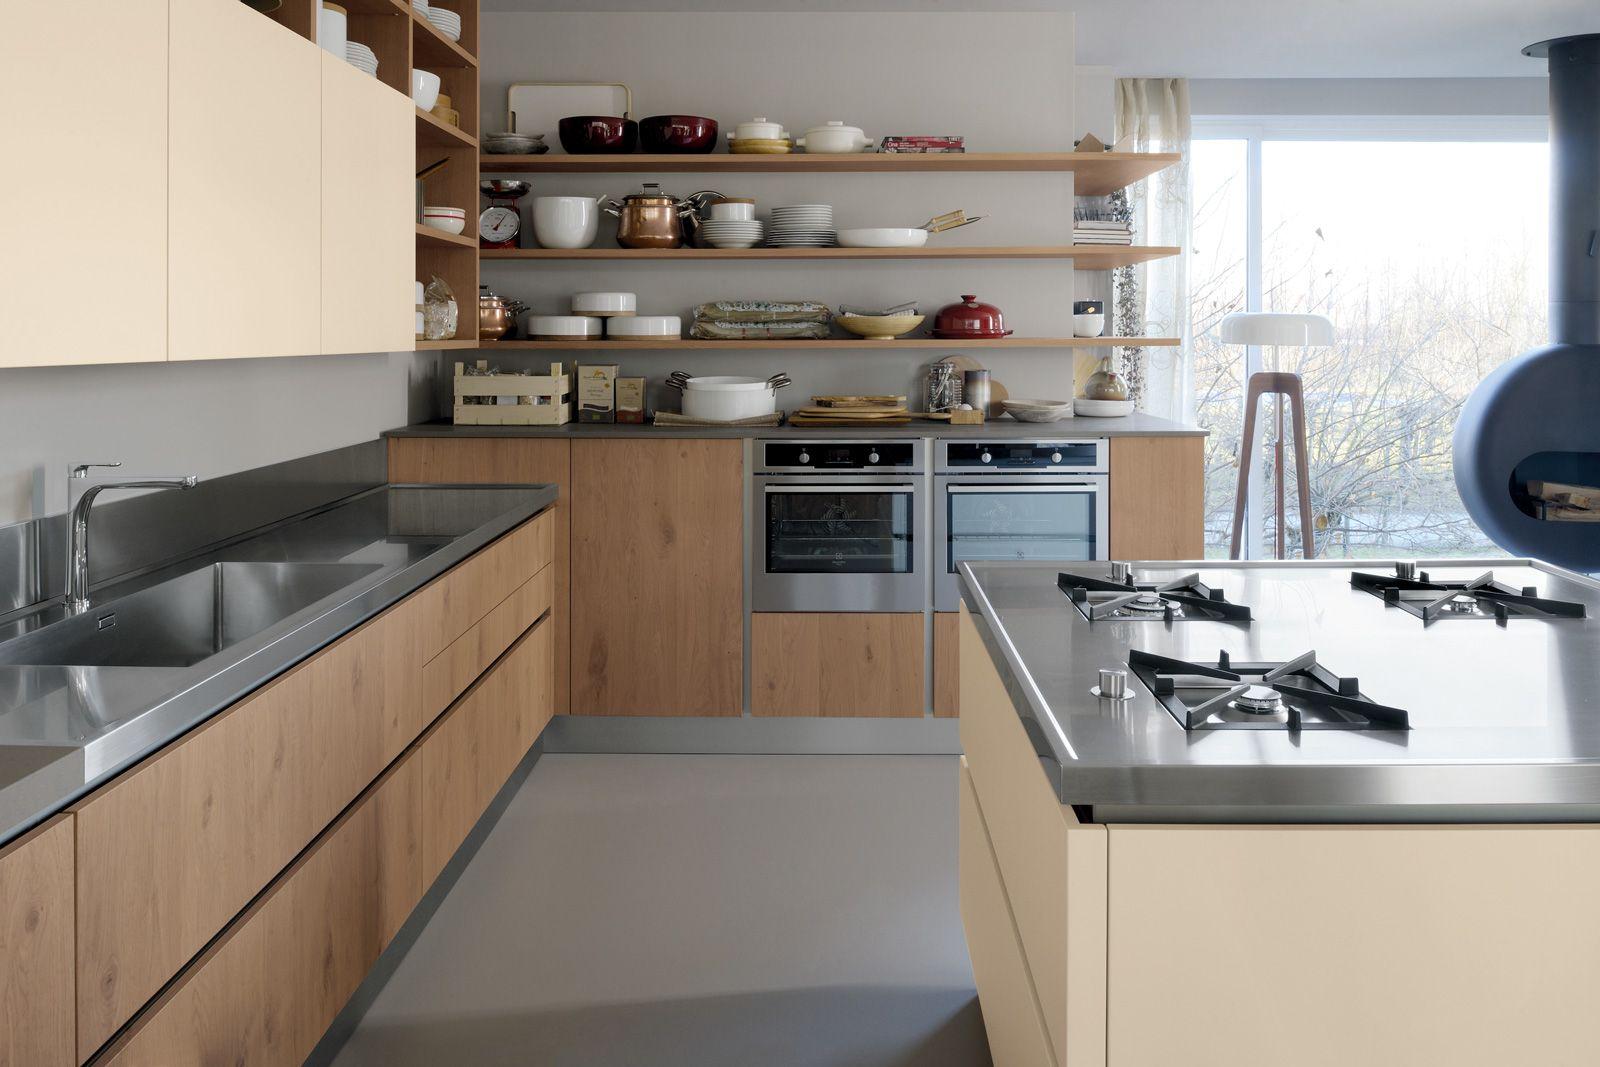 Oyster di veneta cucine ha le ante piane in rovere vecchio e panna laccato opaco senza maniglie - Veneta cucine catania ...